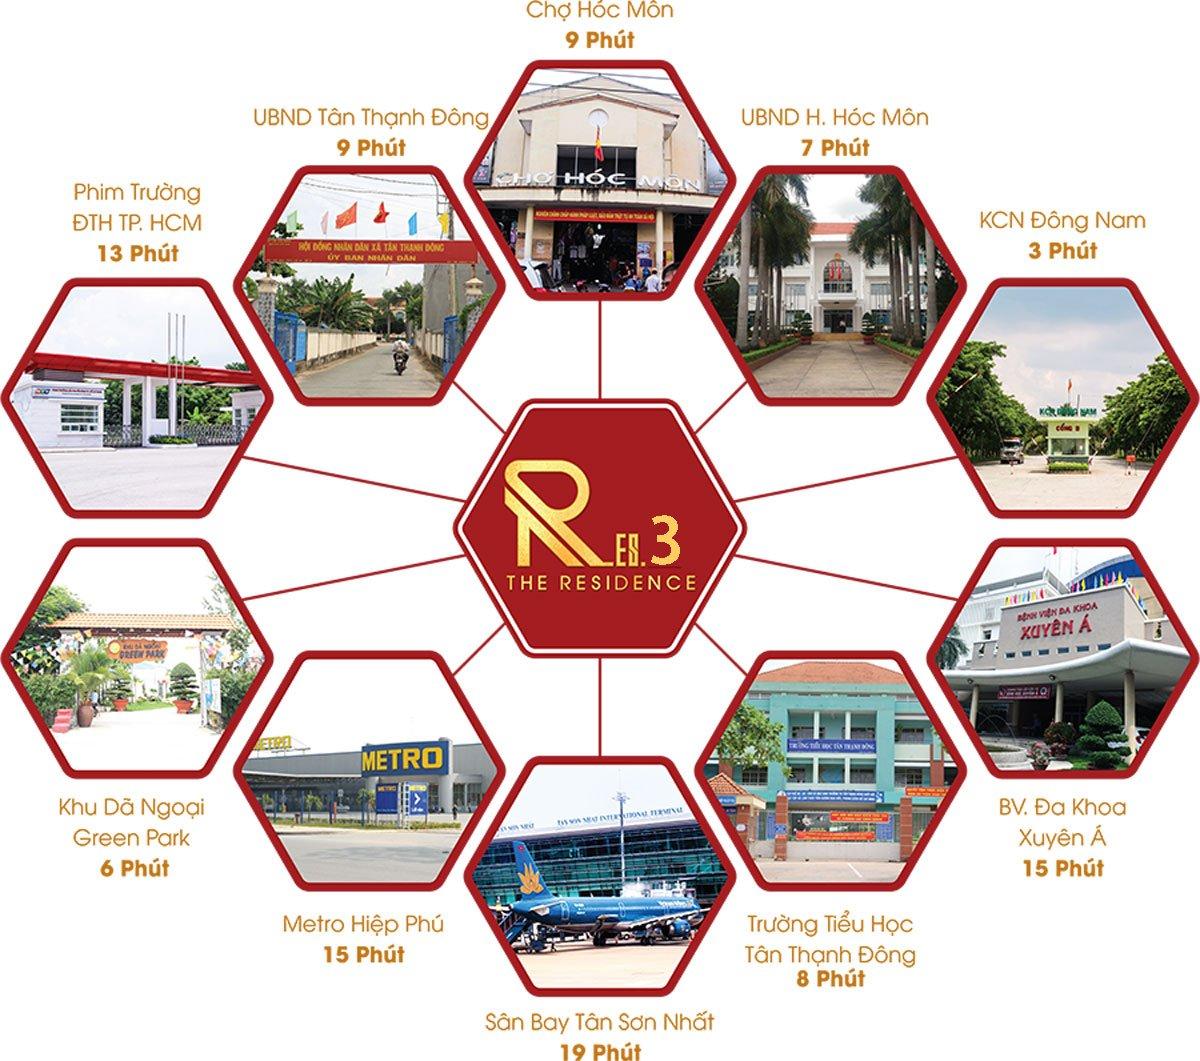 Tiện ích kết nối khu vực của Dự án The Residence 3